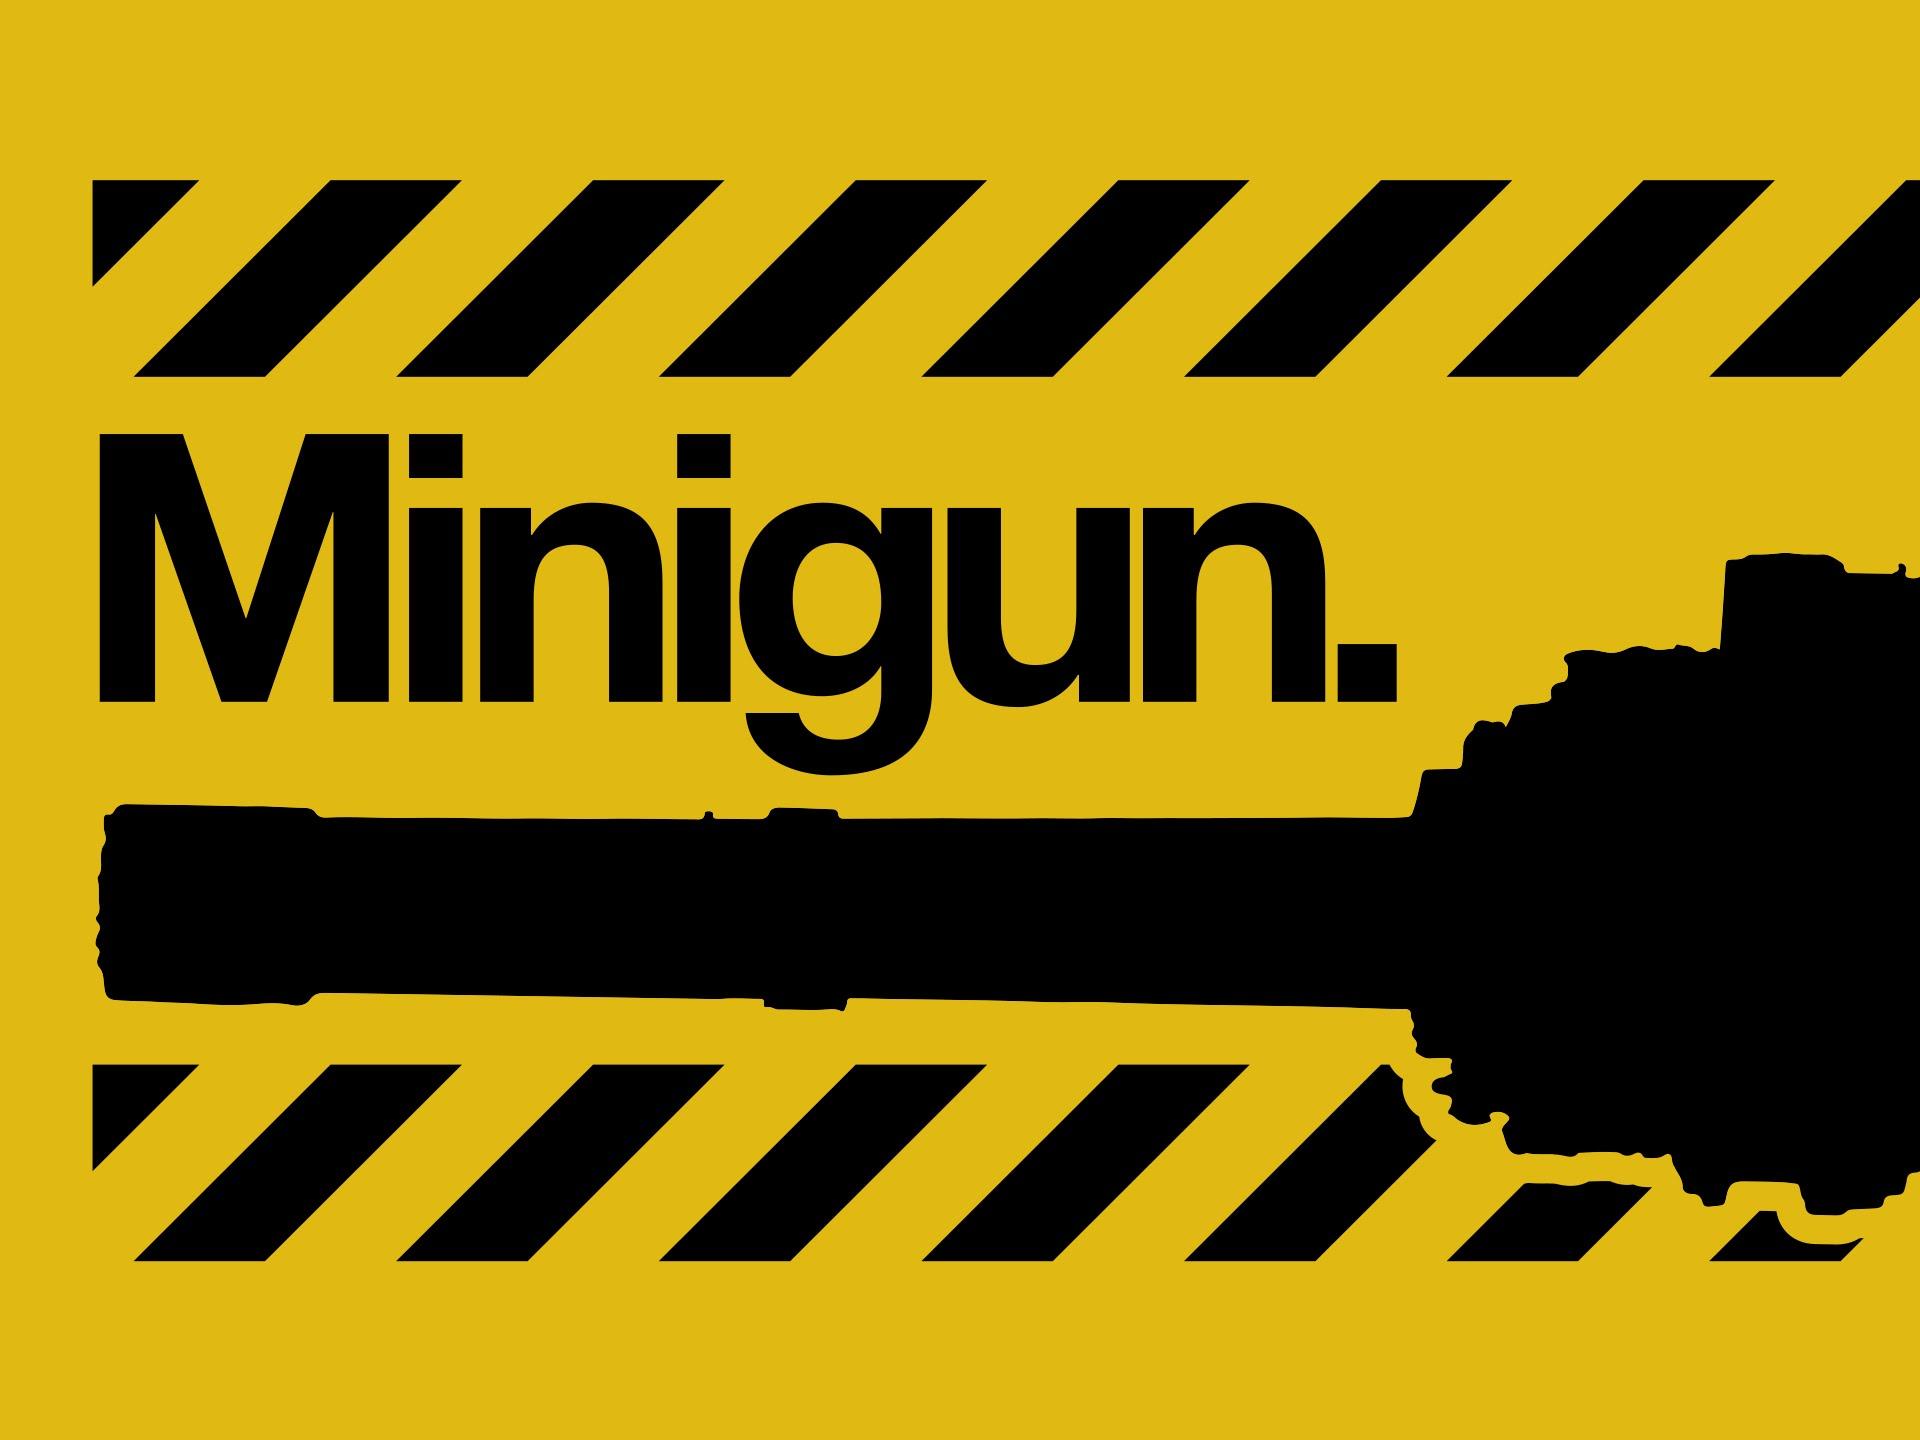 Die Geschichte der Minigun ist eine Geschichte voller Missverständnisse